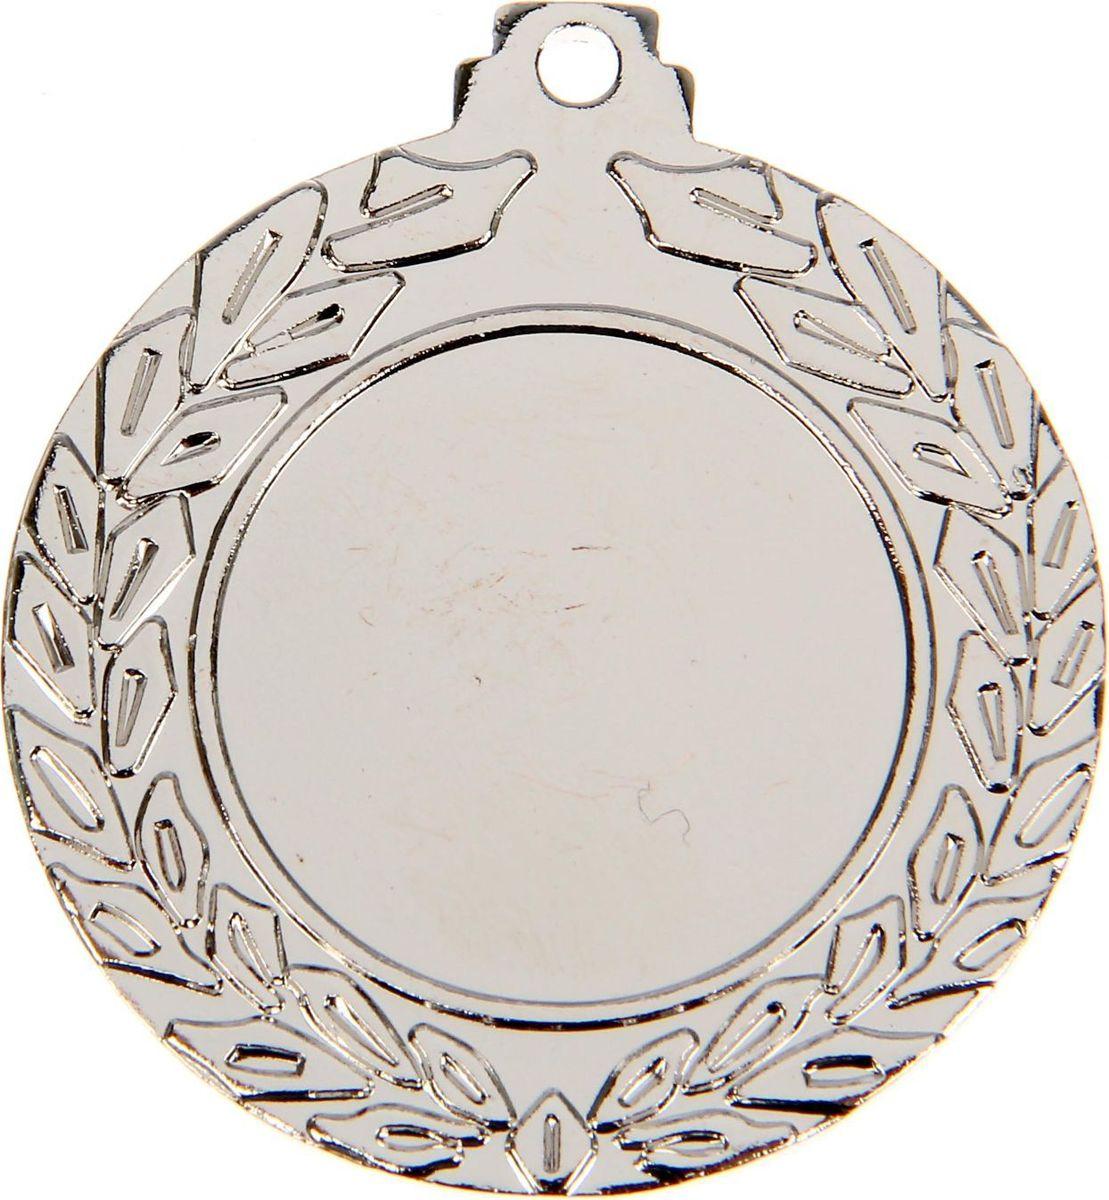 Медаль сувенирная с местом для гравировки, цвет: серебристый, диаметр 4,5 см. 0371253540Медаль — знак отличия, которым награждают самых достойных. Она вручается лишь тем, кто проявил настойчивость и волю к победе. Каждое достижение — это важное событие, которое должно остаться в памяти на долгие годы. Любое спортивное состязание, профессиональное или среди любителей, любое корпоративное мероприятие — отличный повод для того, чтобы отметить лучших из лучших. Характеристики:Диаметр медали: 4,5 см Диаметр вкладыша (лицо): 2,5 см Диаметр вкладыша (оборот): 4 см. Пусть любая победа будет отмечена соответствующей наградой!